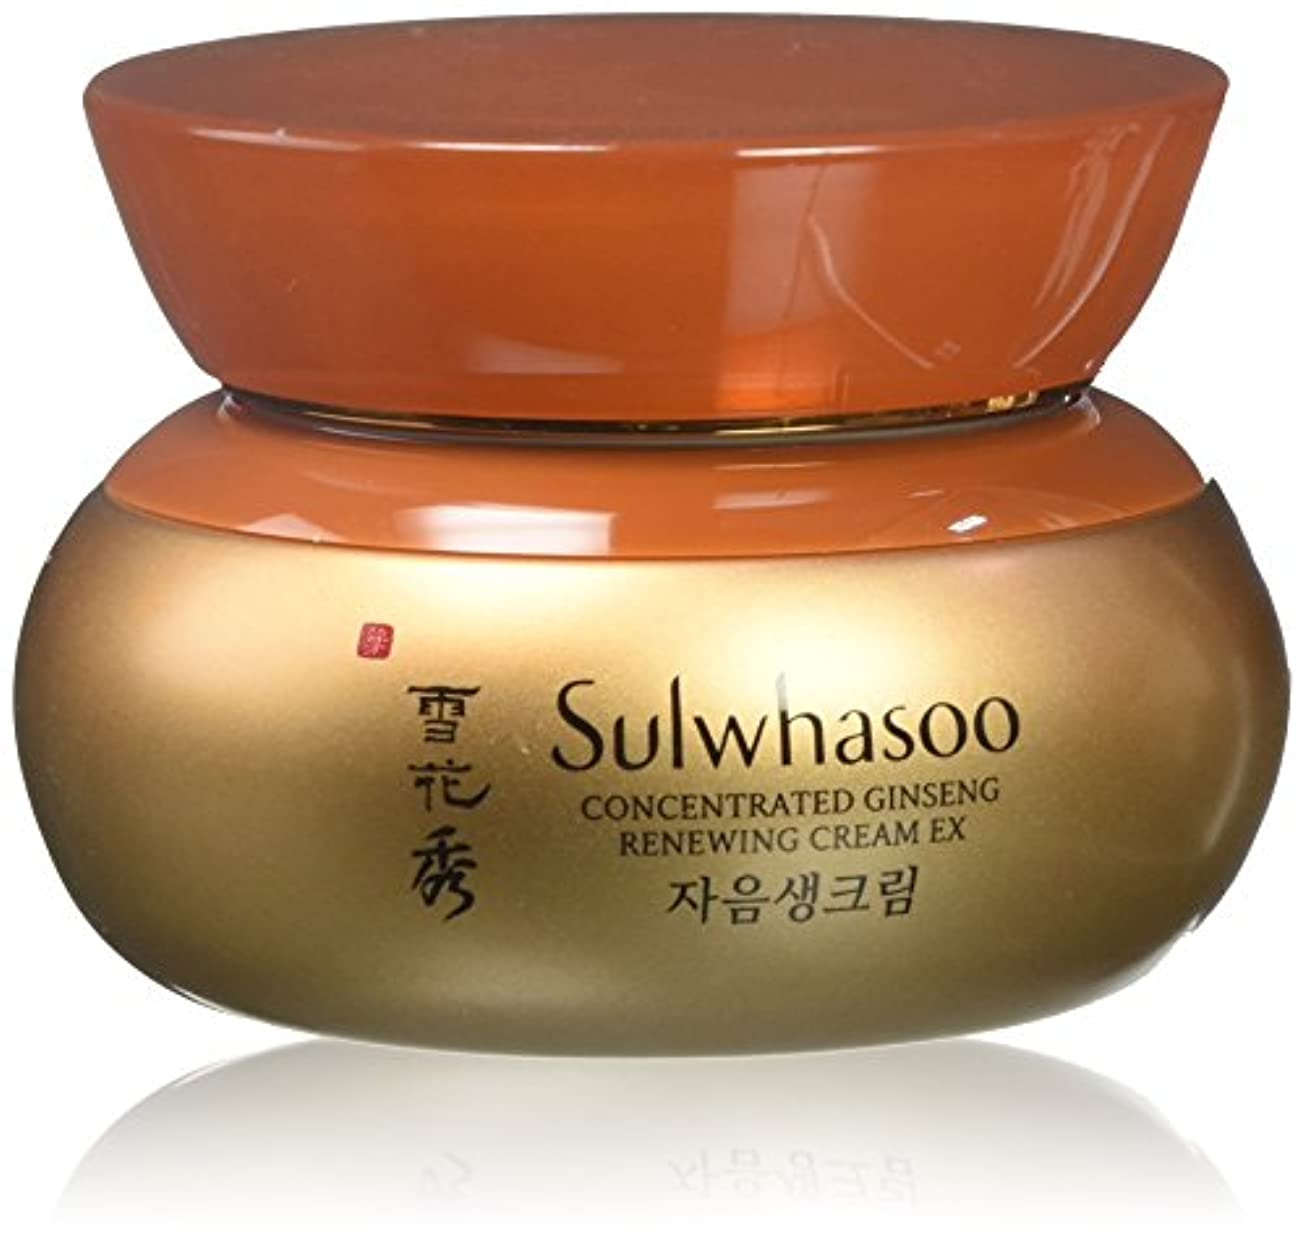 インシデントかかわらずやけど雪花秀 滋陰生(ジャウムセン)クリーム Concentrated Ginseng Cream 60ml